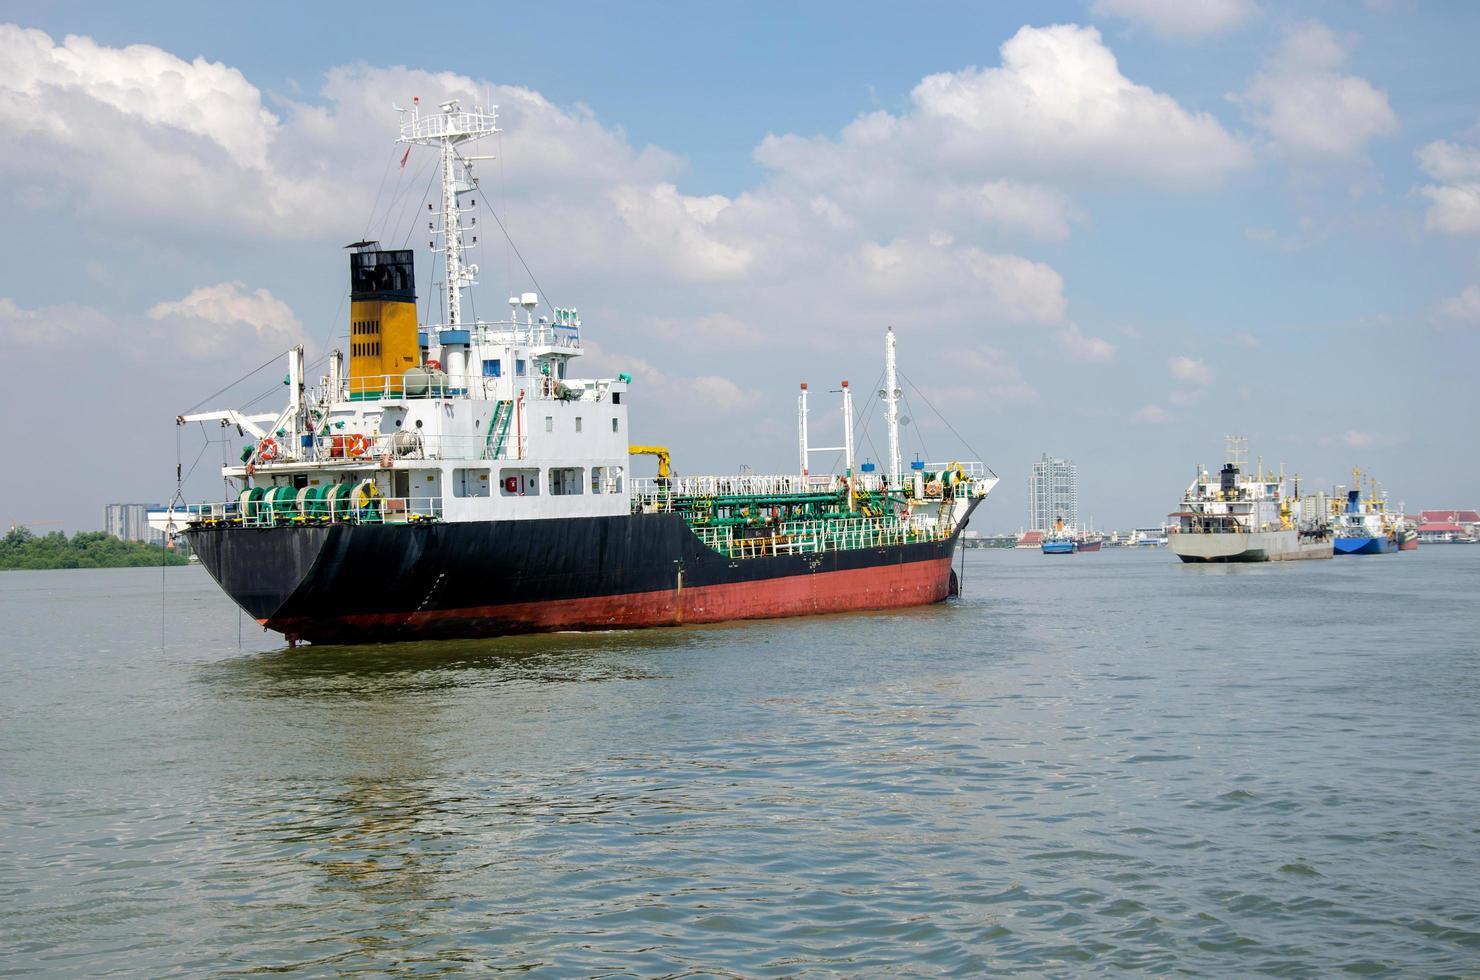 nave da carico in mare foto